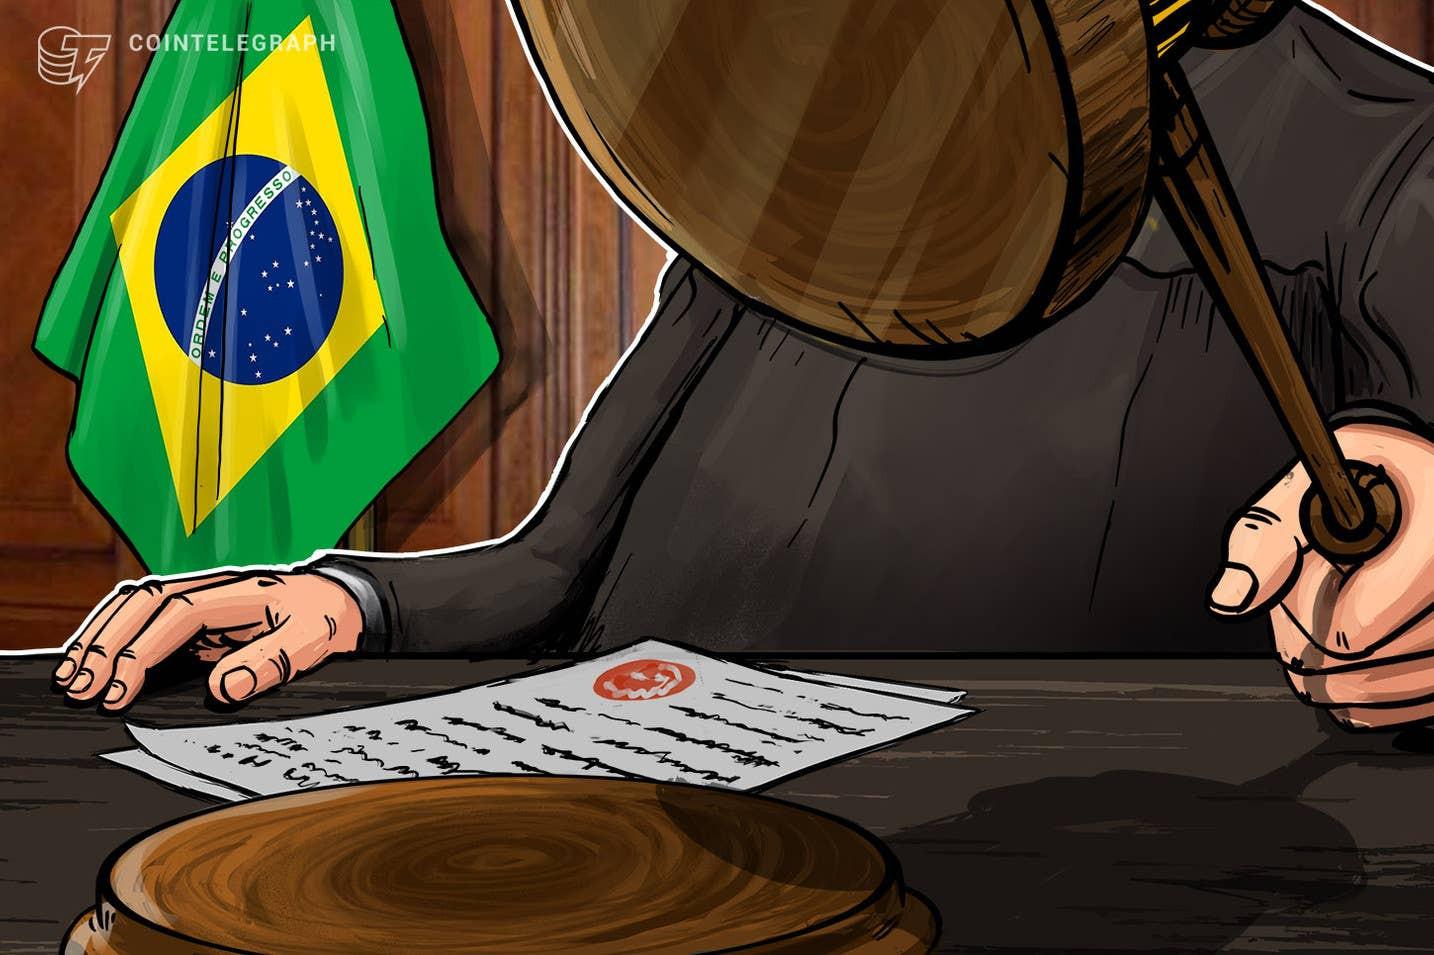 'Faraó dos Bitcoins' e outros 16 indiciados viram réus e GAS Consultoria anuncia suspensão de atividades